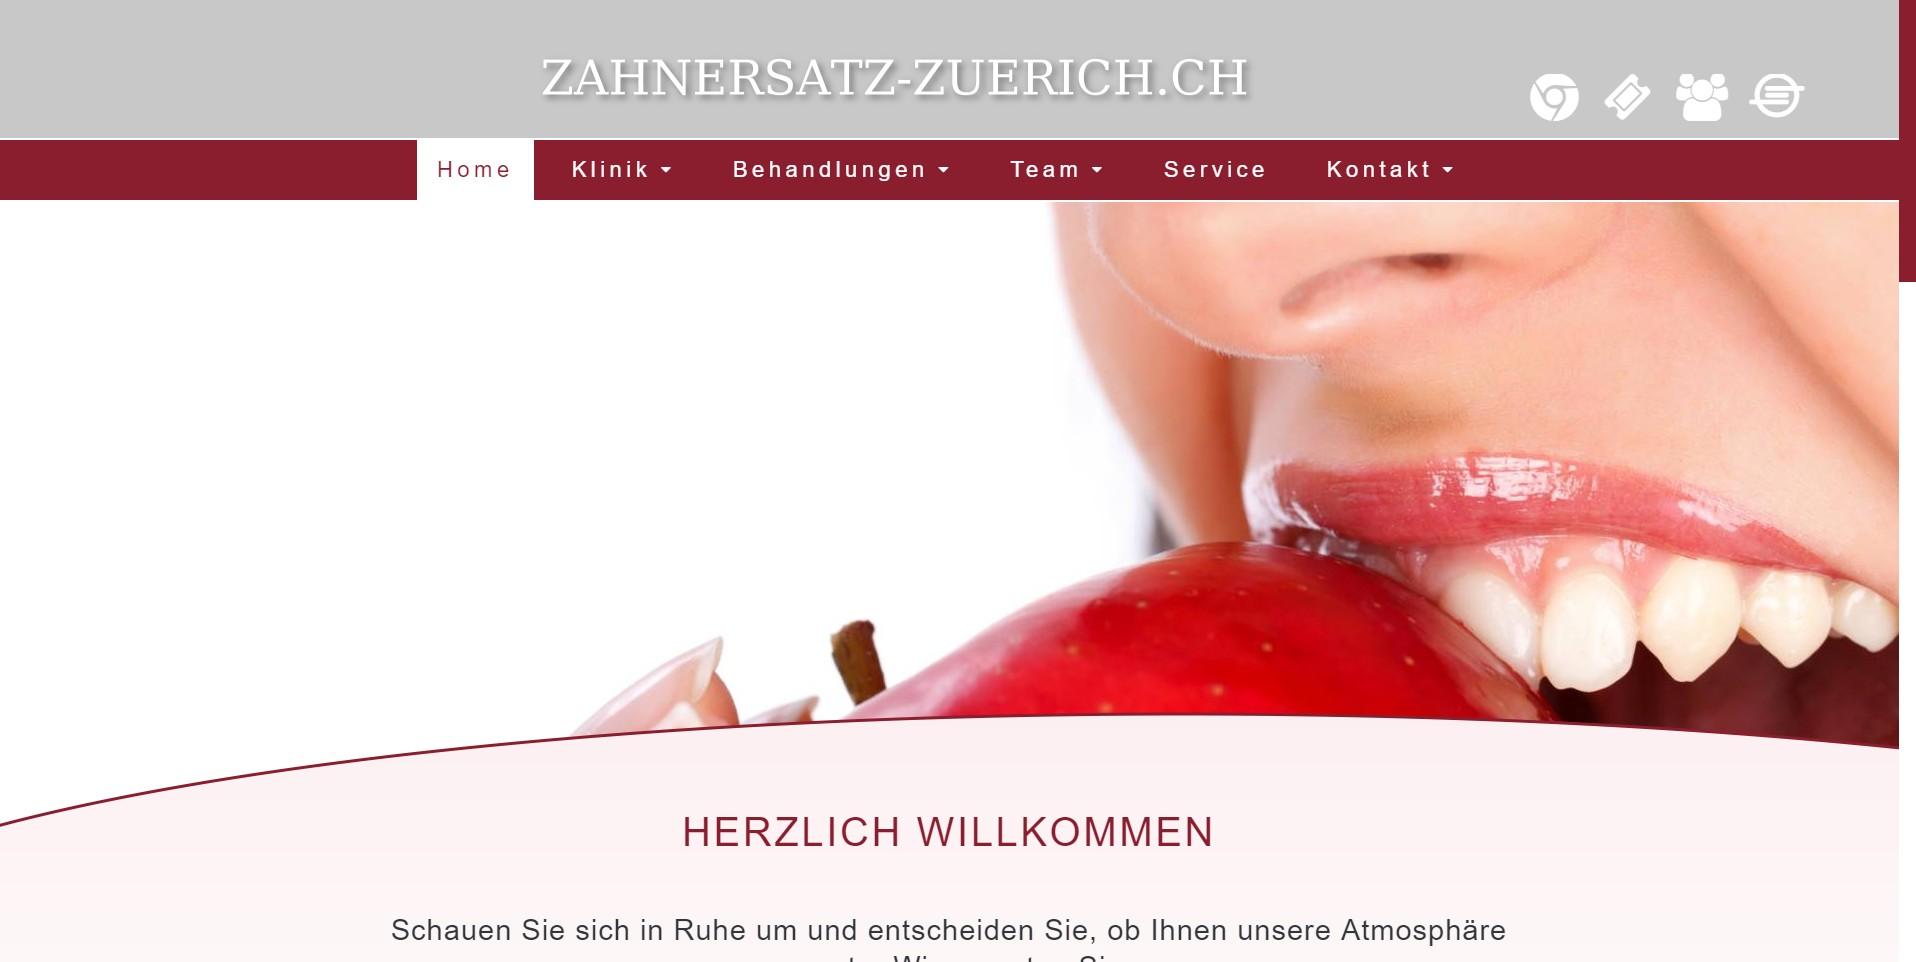 Zahnersatz-Zuerich.ch